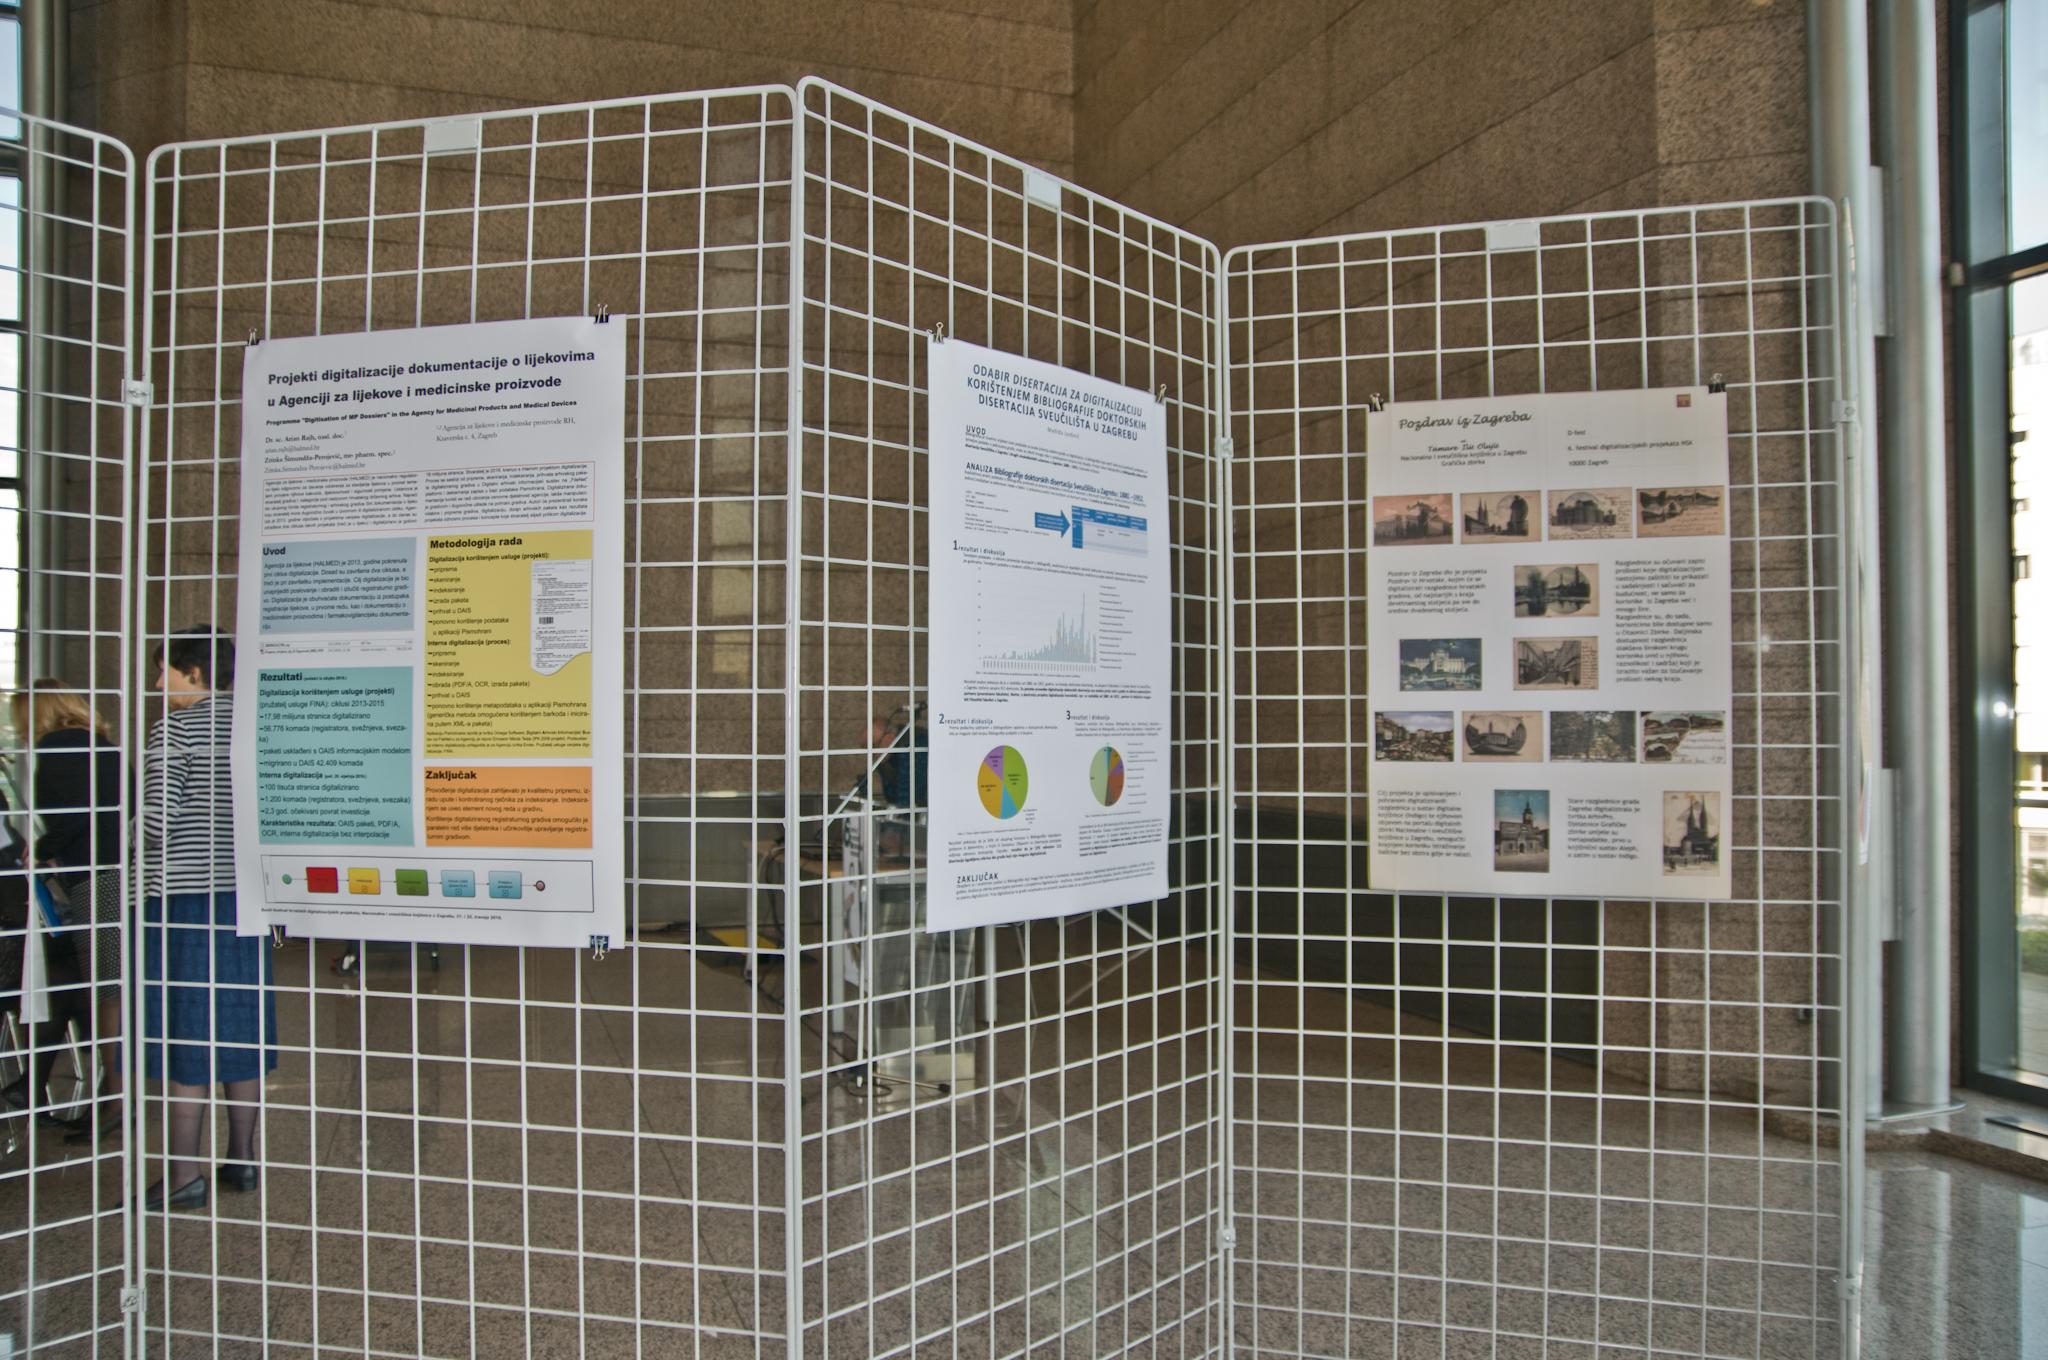 Posterska izlaganja 6. festivala hrvatskih digitalizacijskih projekata